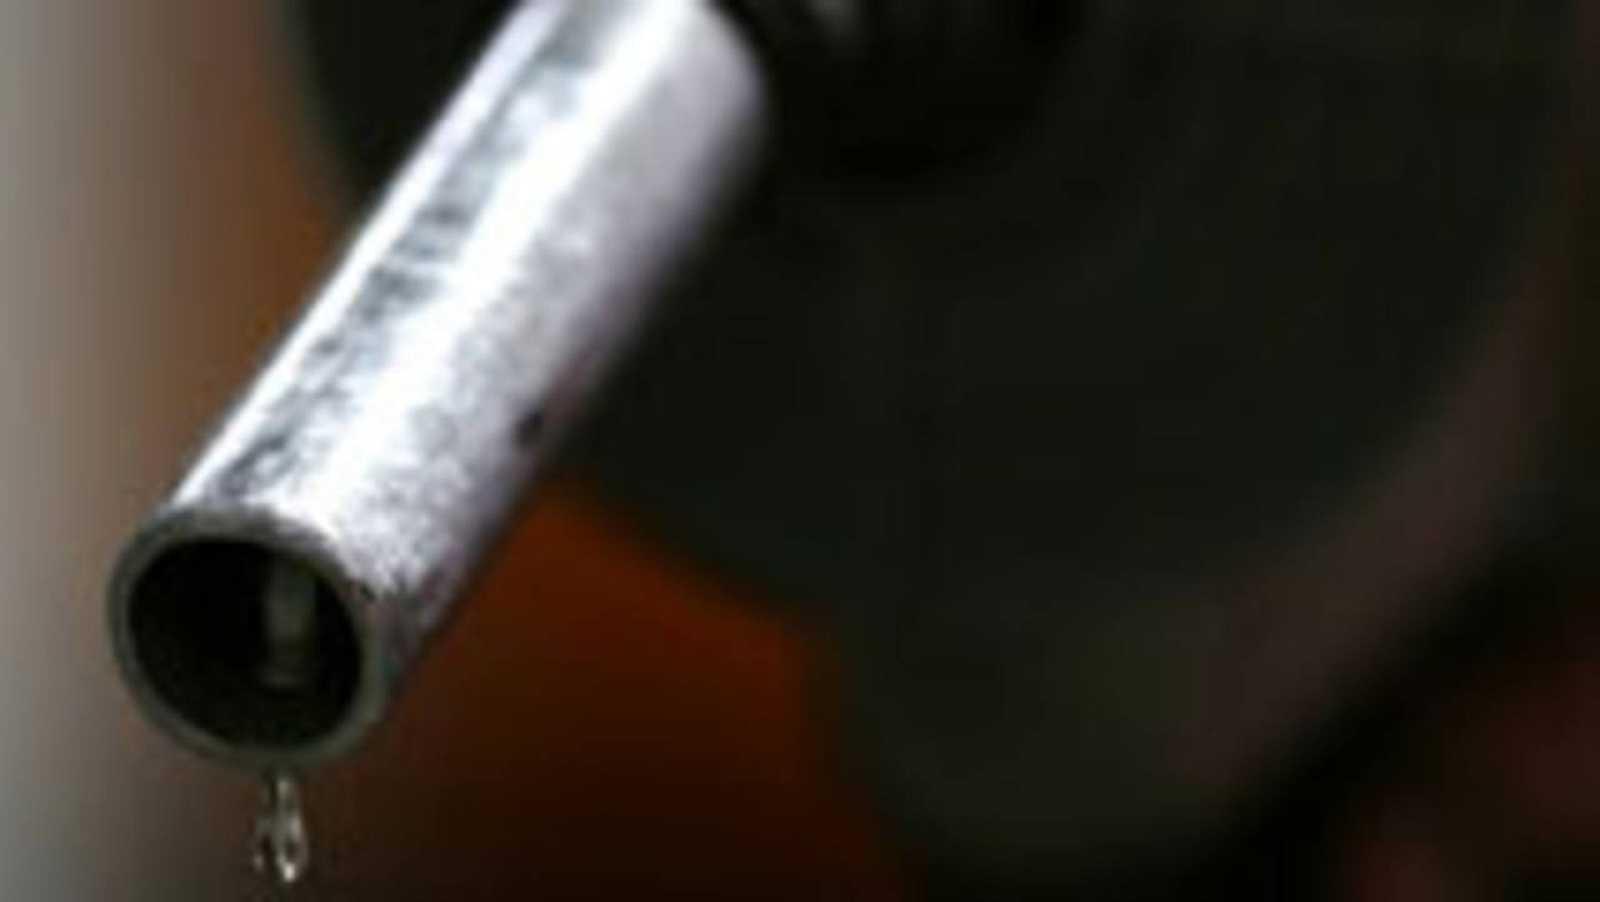 Detalle de una manguera de un surtidor de combustible